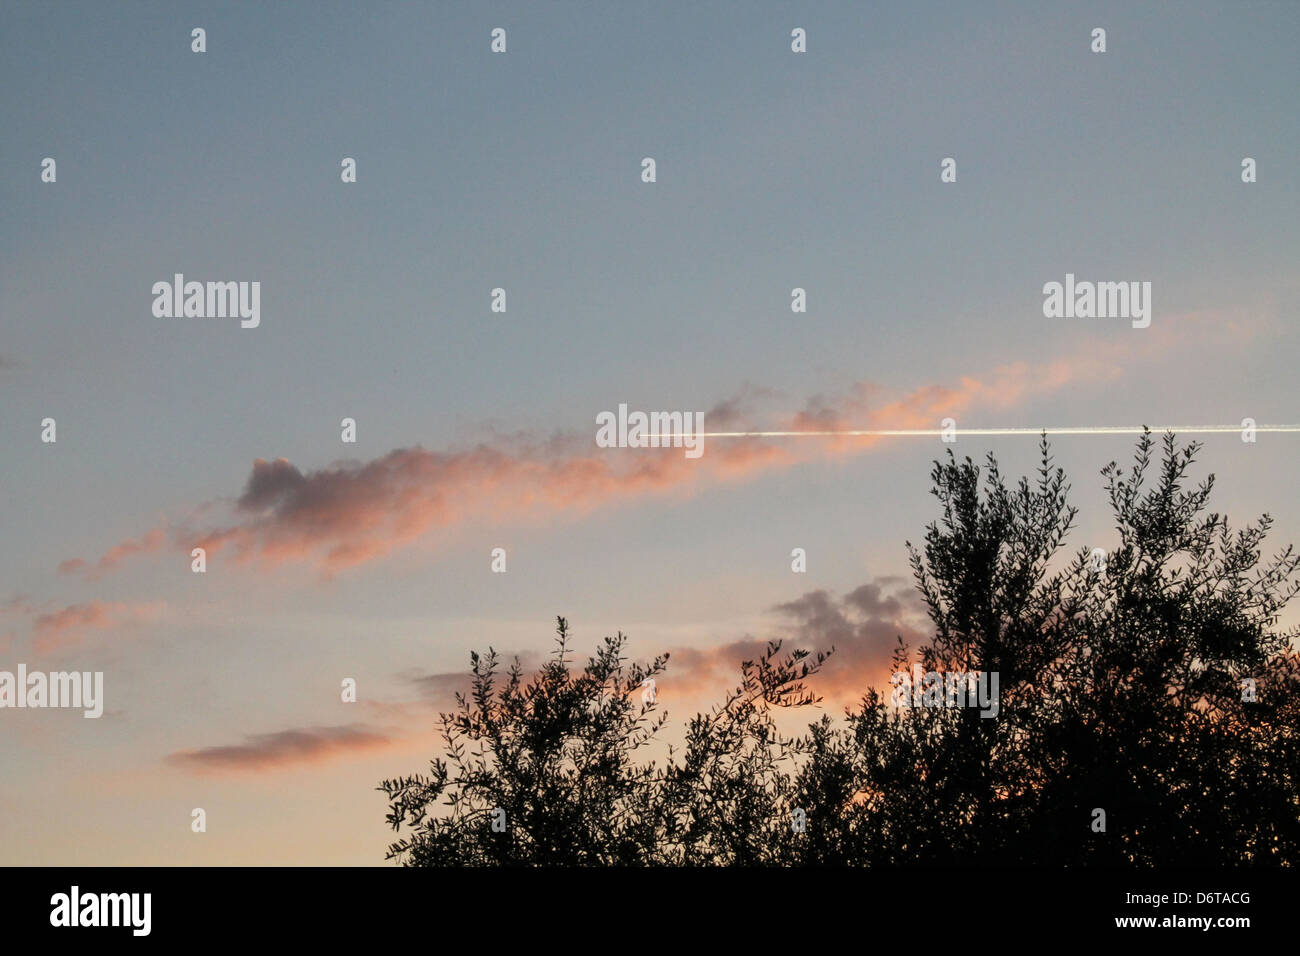 Scia Chimica. Un tramonto nei cieli di ciampino. ChemTrails. A sunset in the skies of Ciampino. - Stock Image